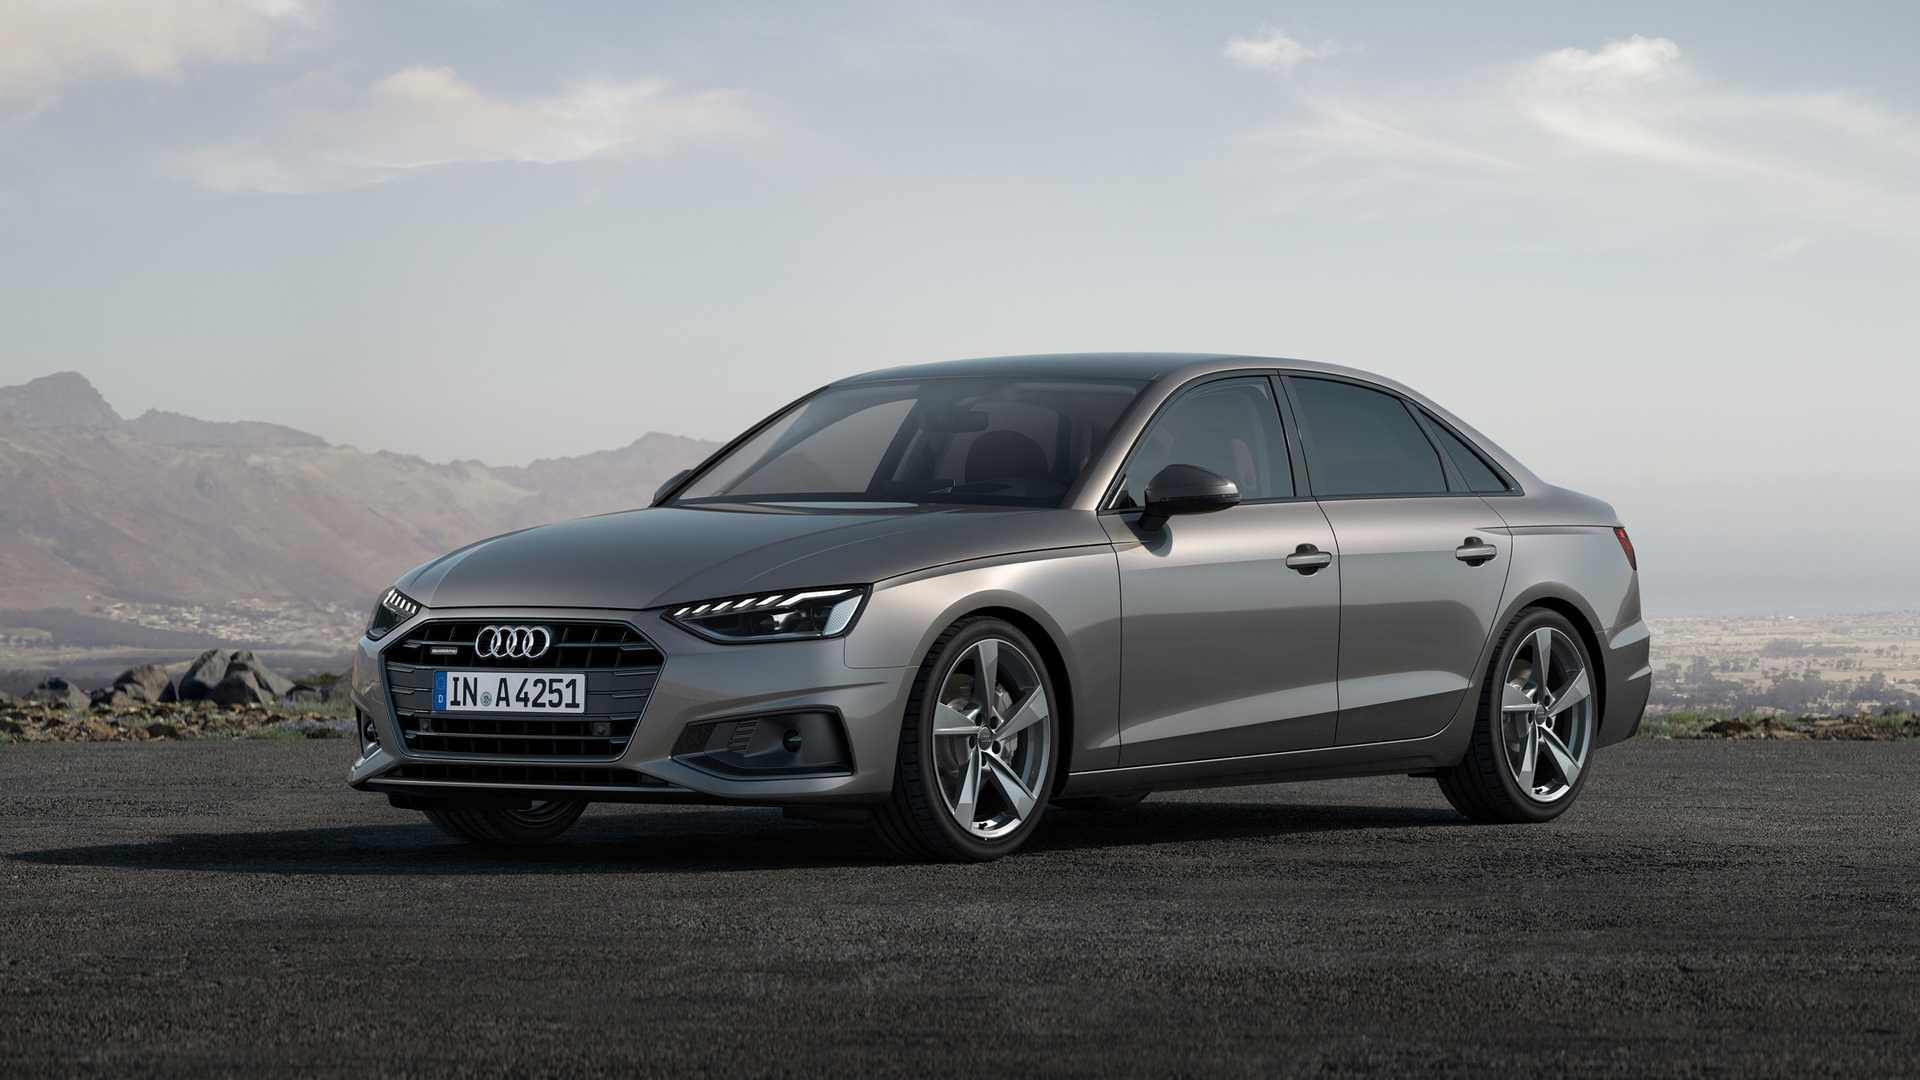 Kekurangan Audi A4 2020 Murah Berkualitas